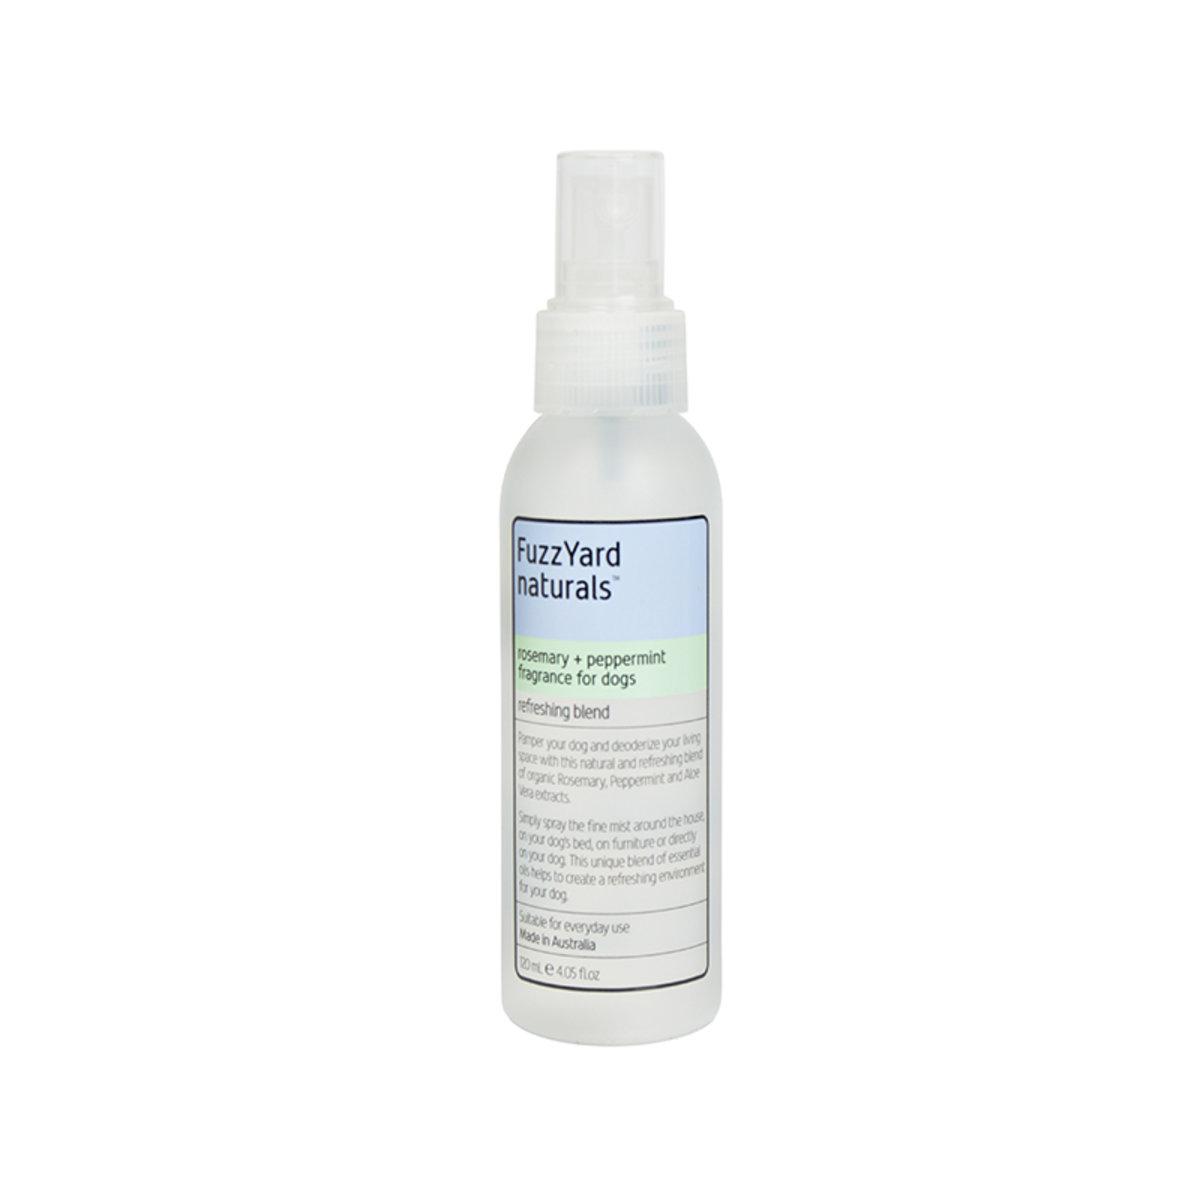 Refreshing Blend Rosemary + Peppermint Fragrance for Dogs 120 ML